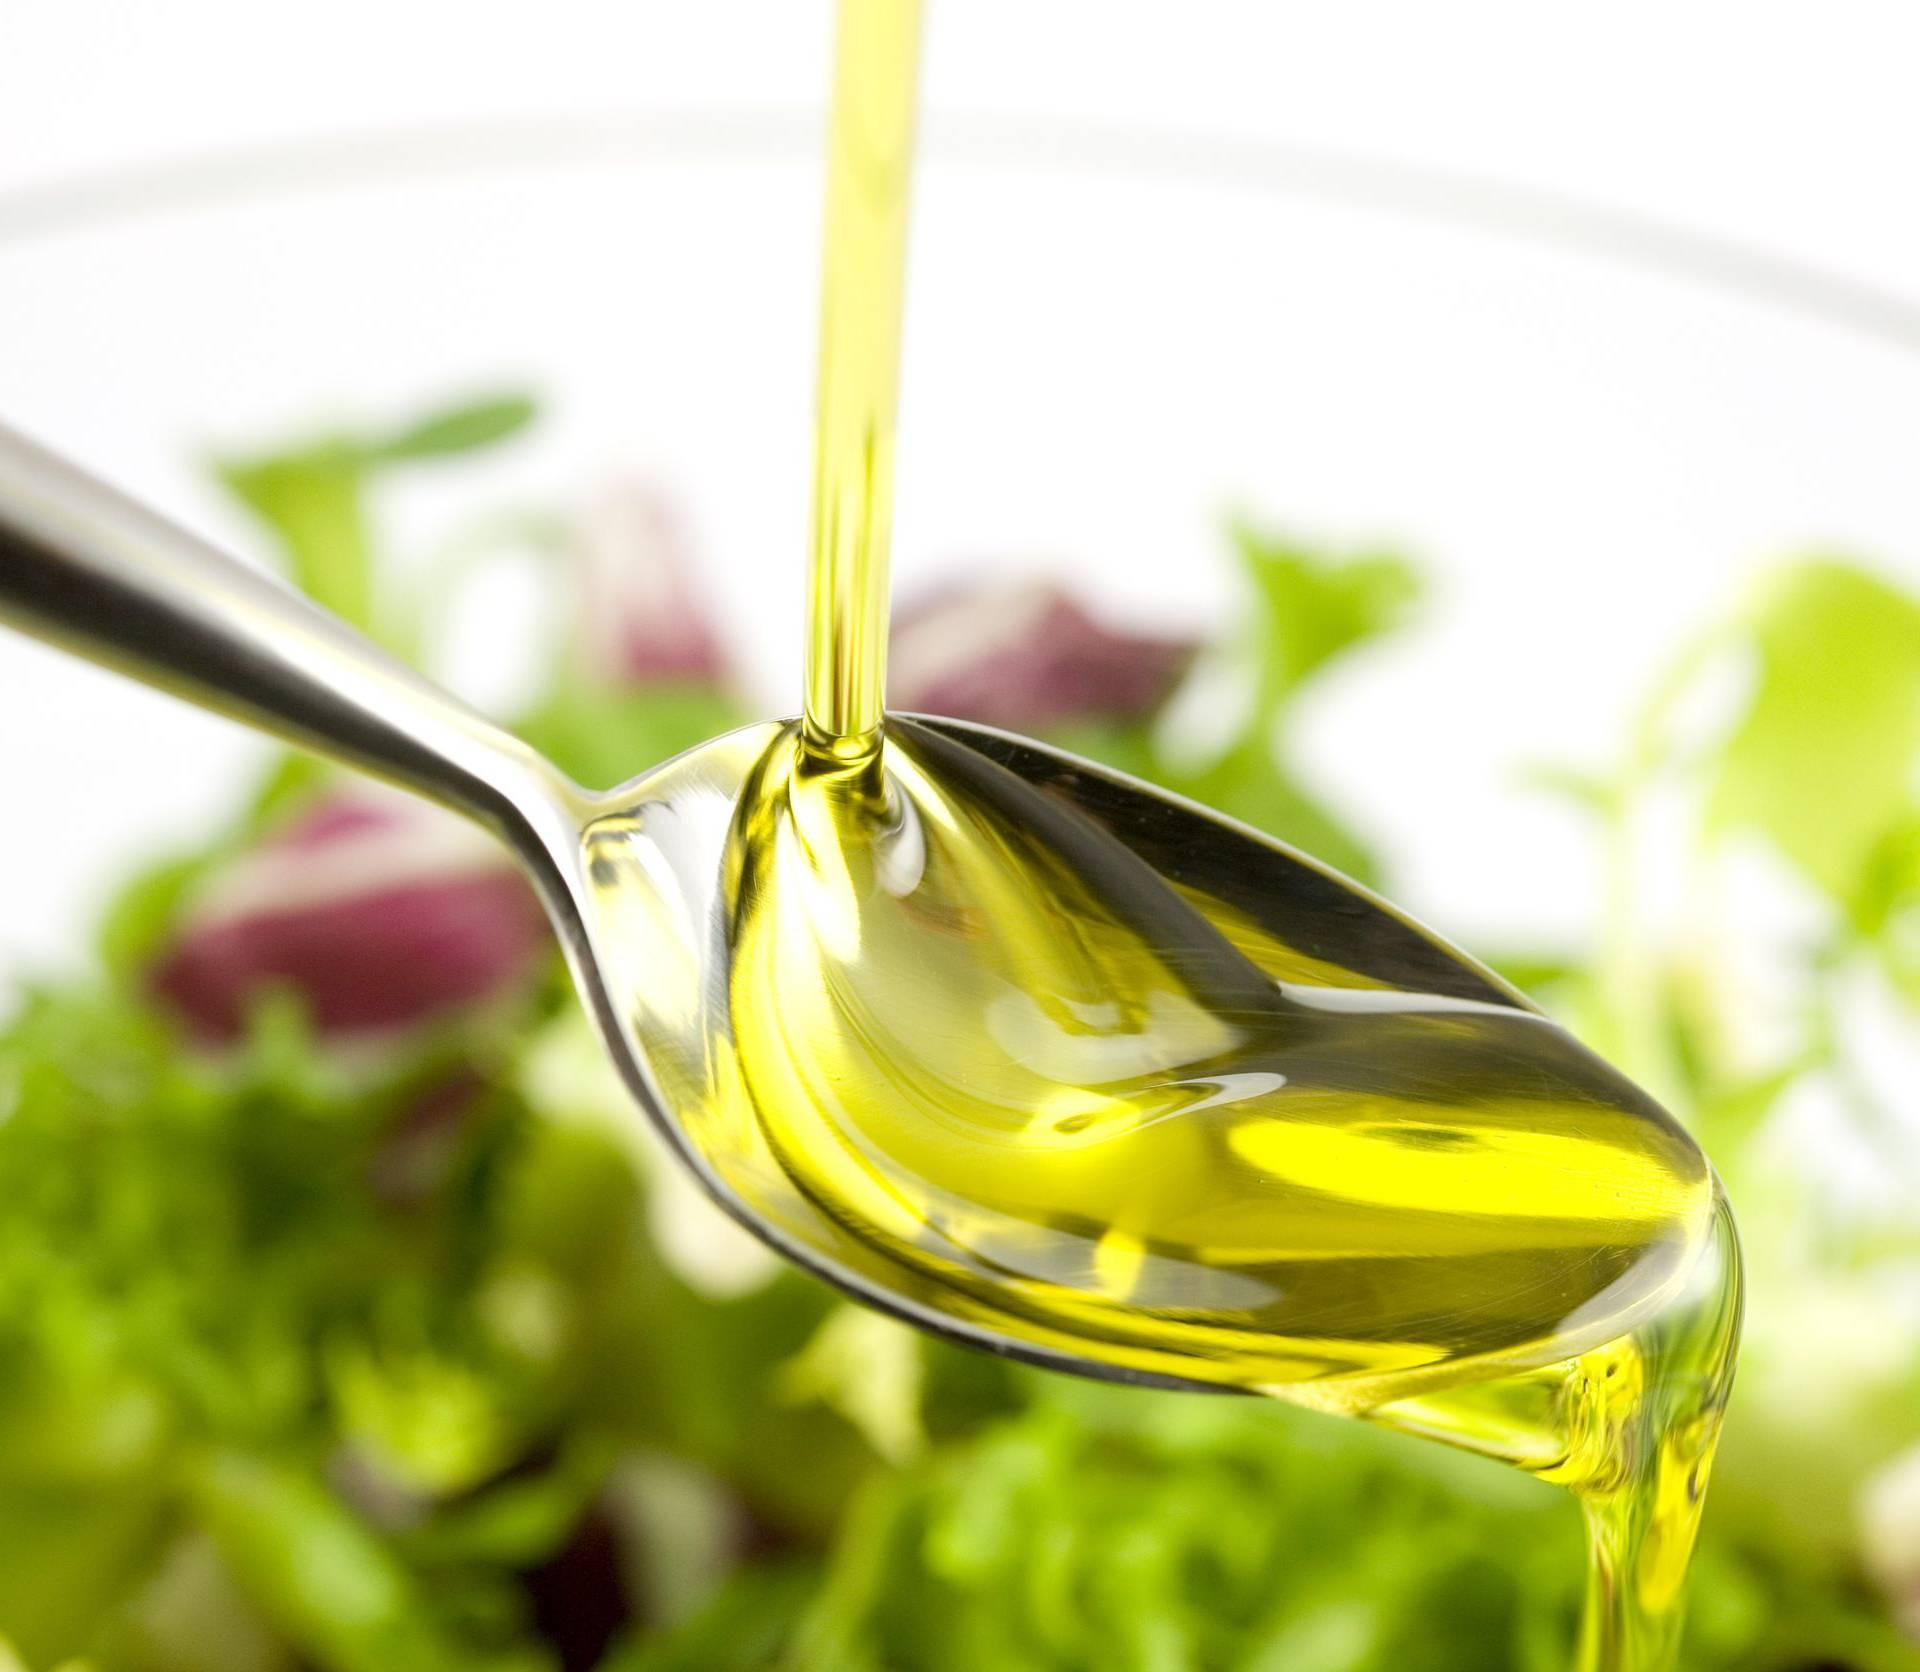 Protiv osteoporoze: Manje kave i slatkog, više maslinovog ulja